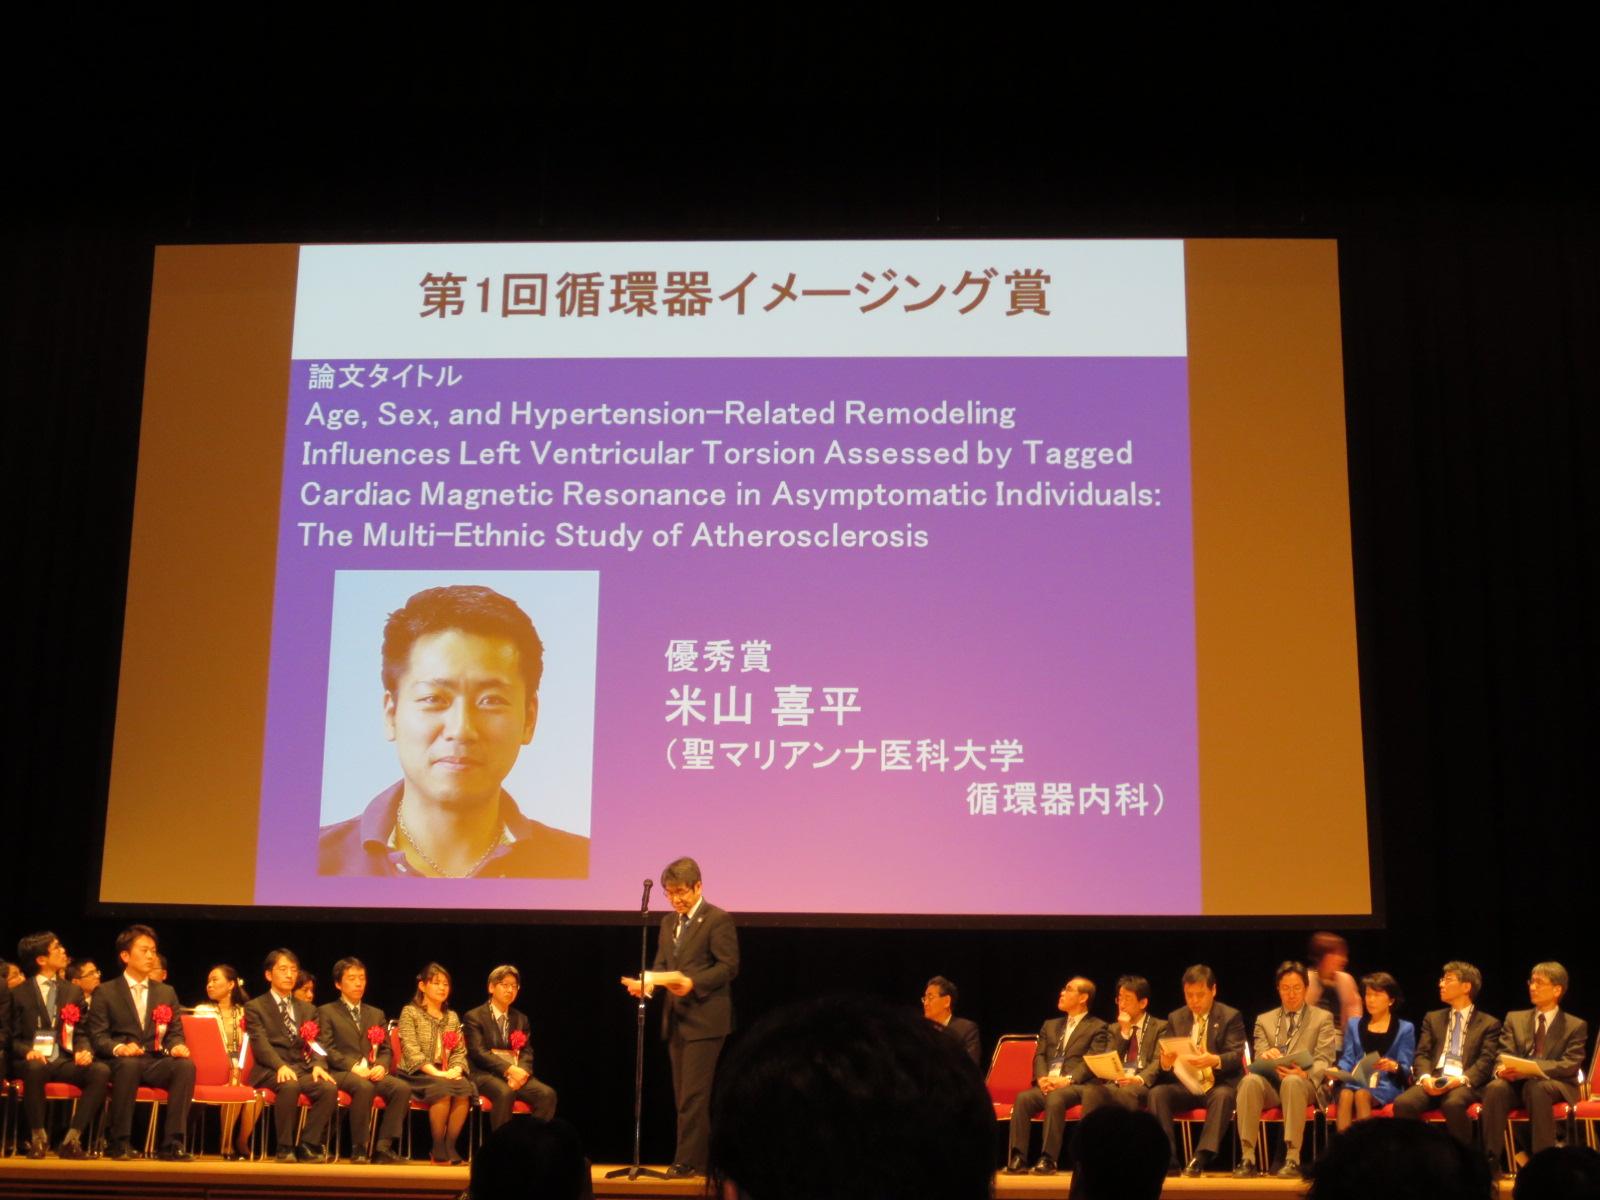 日本循環器学会 第1回循環器イメージング賞 優秀賞 受賞